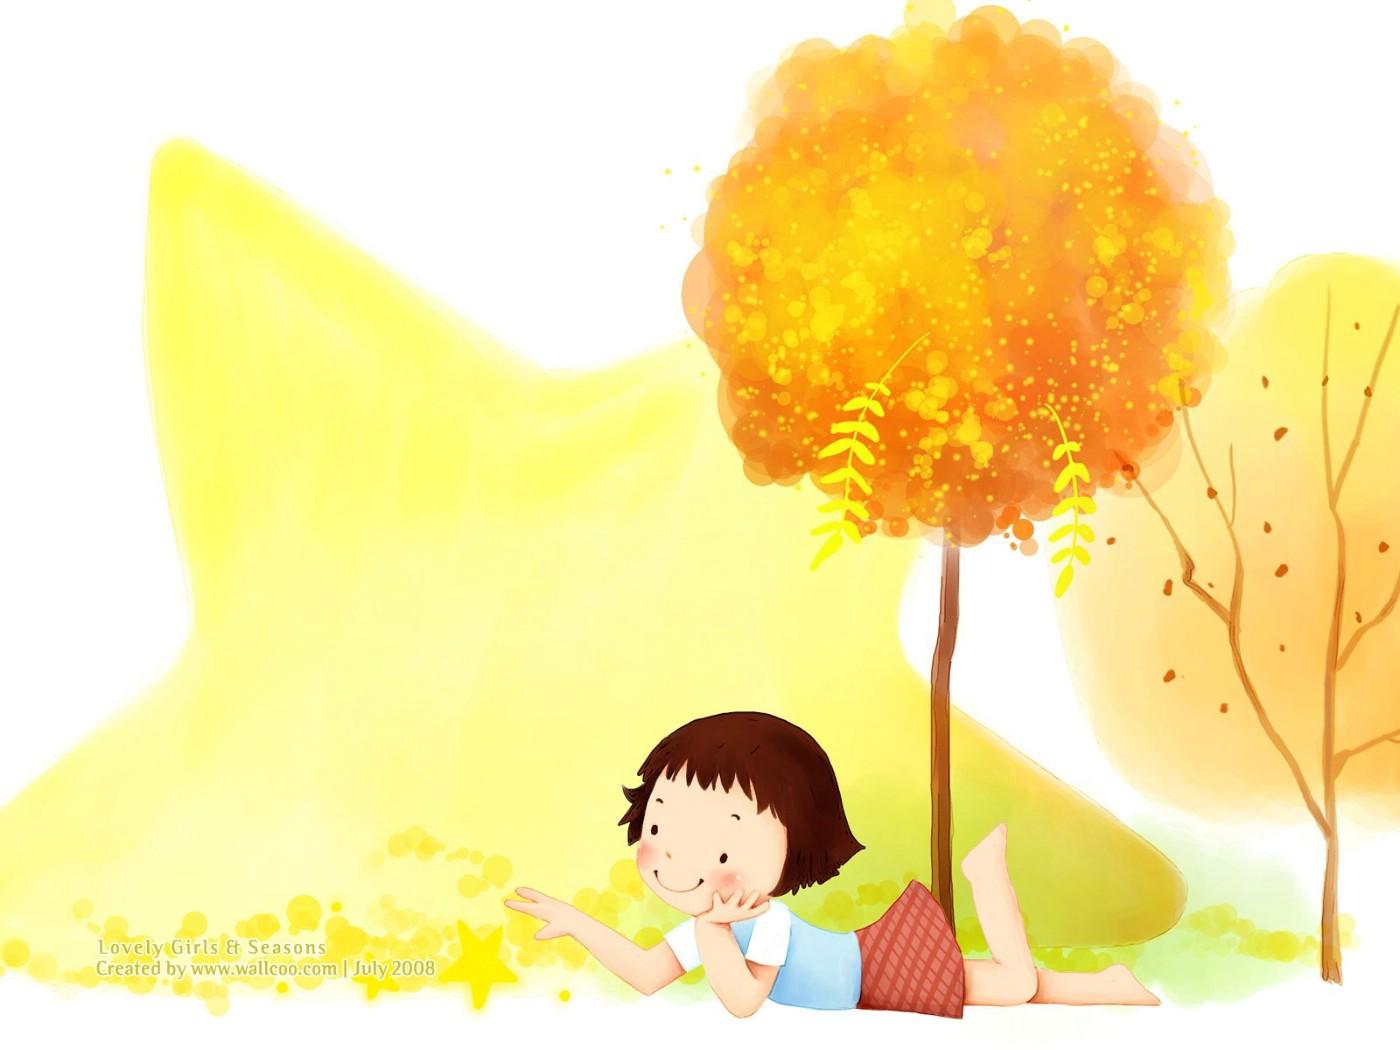 可爱小女孩插画壁纸 韩国儿童插画可爱小女孩壁纸